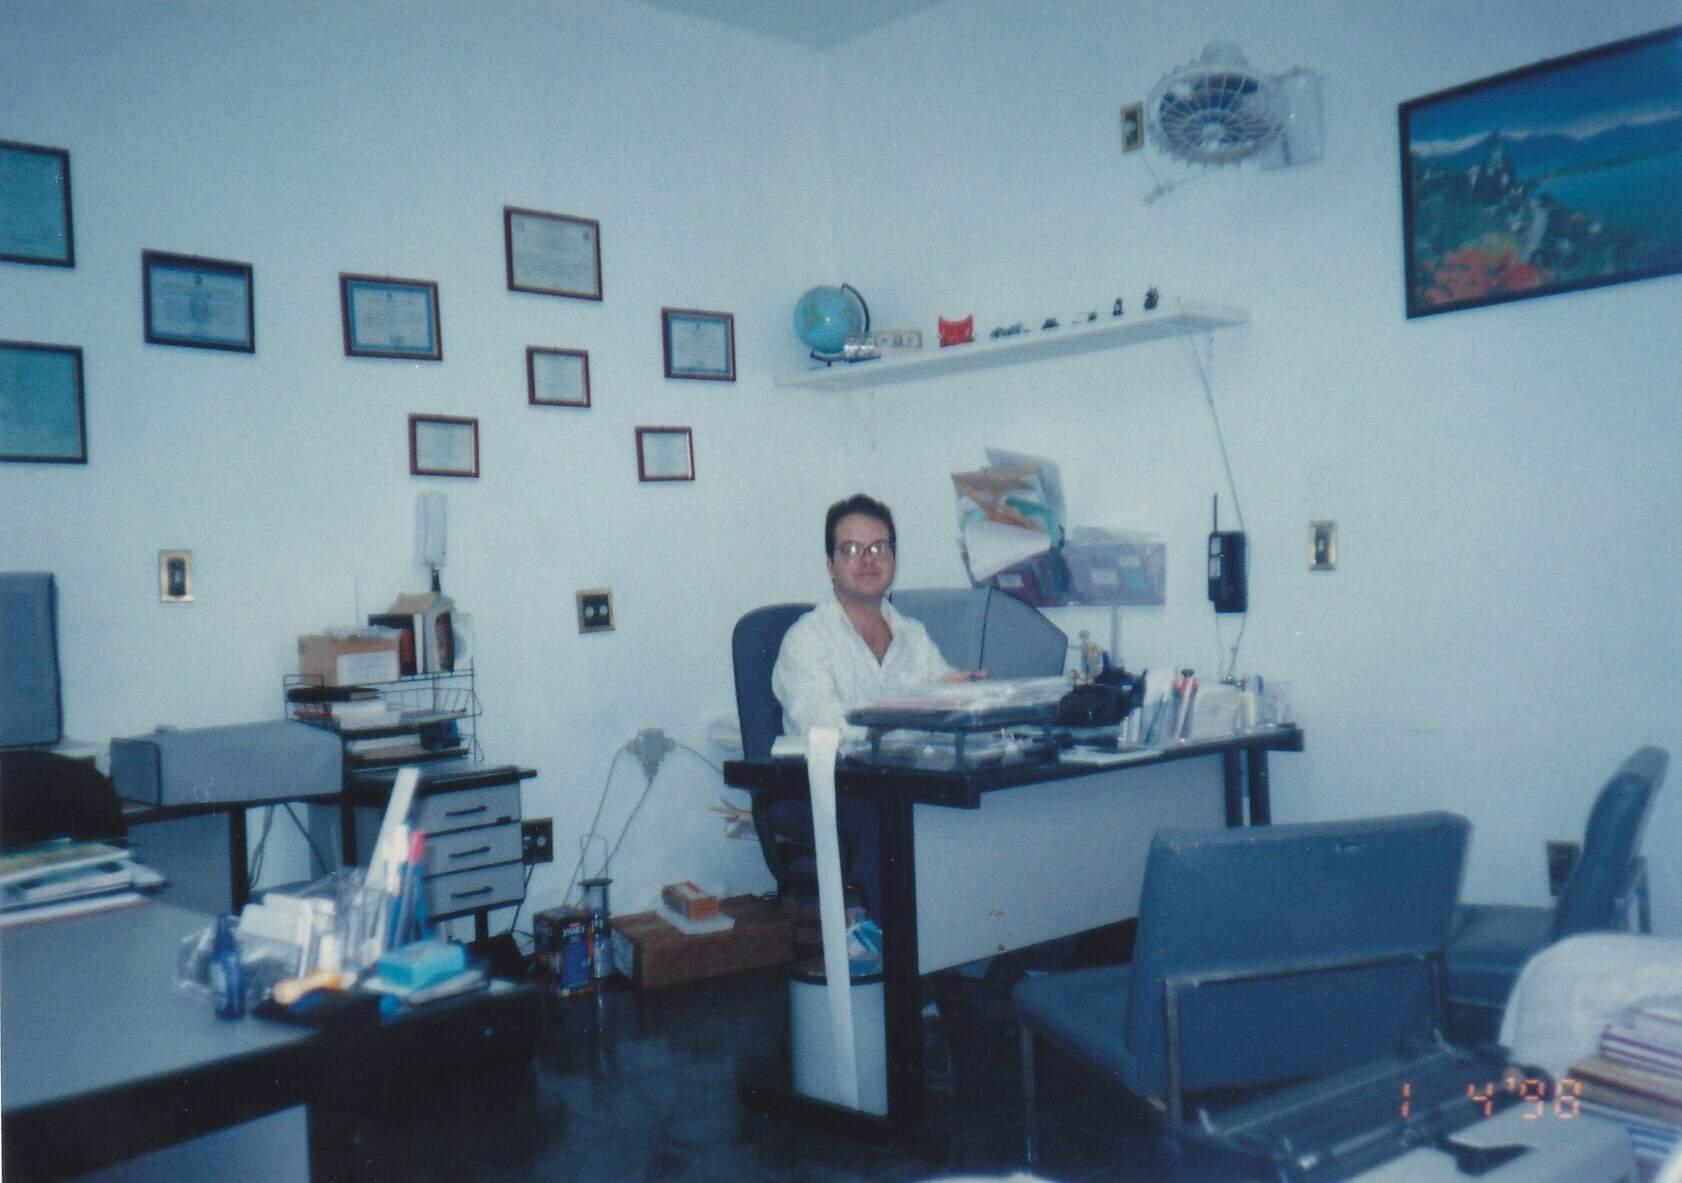 abri-meu-escritório-contabil